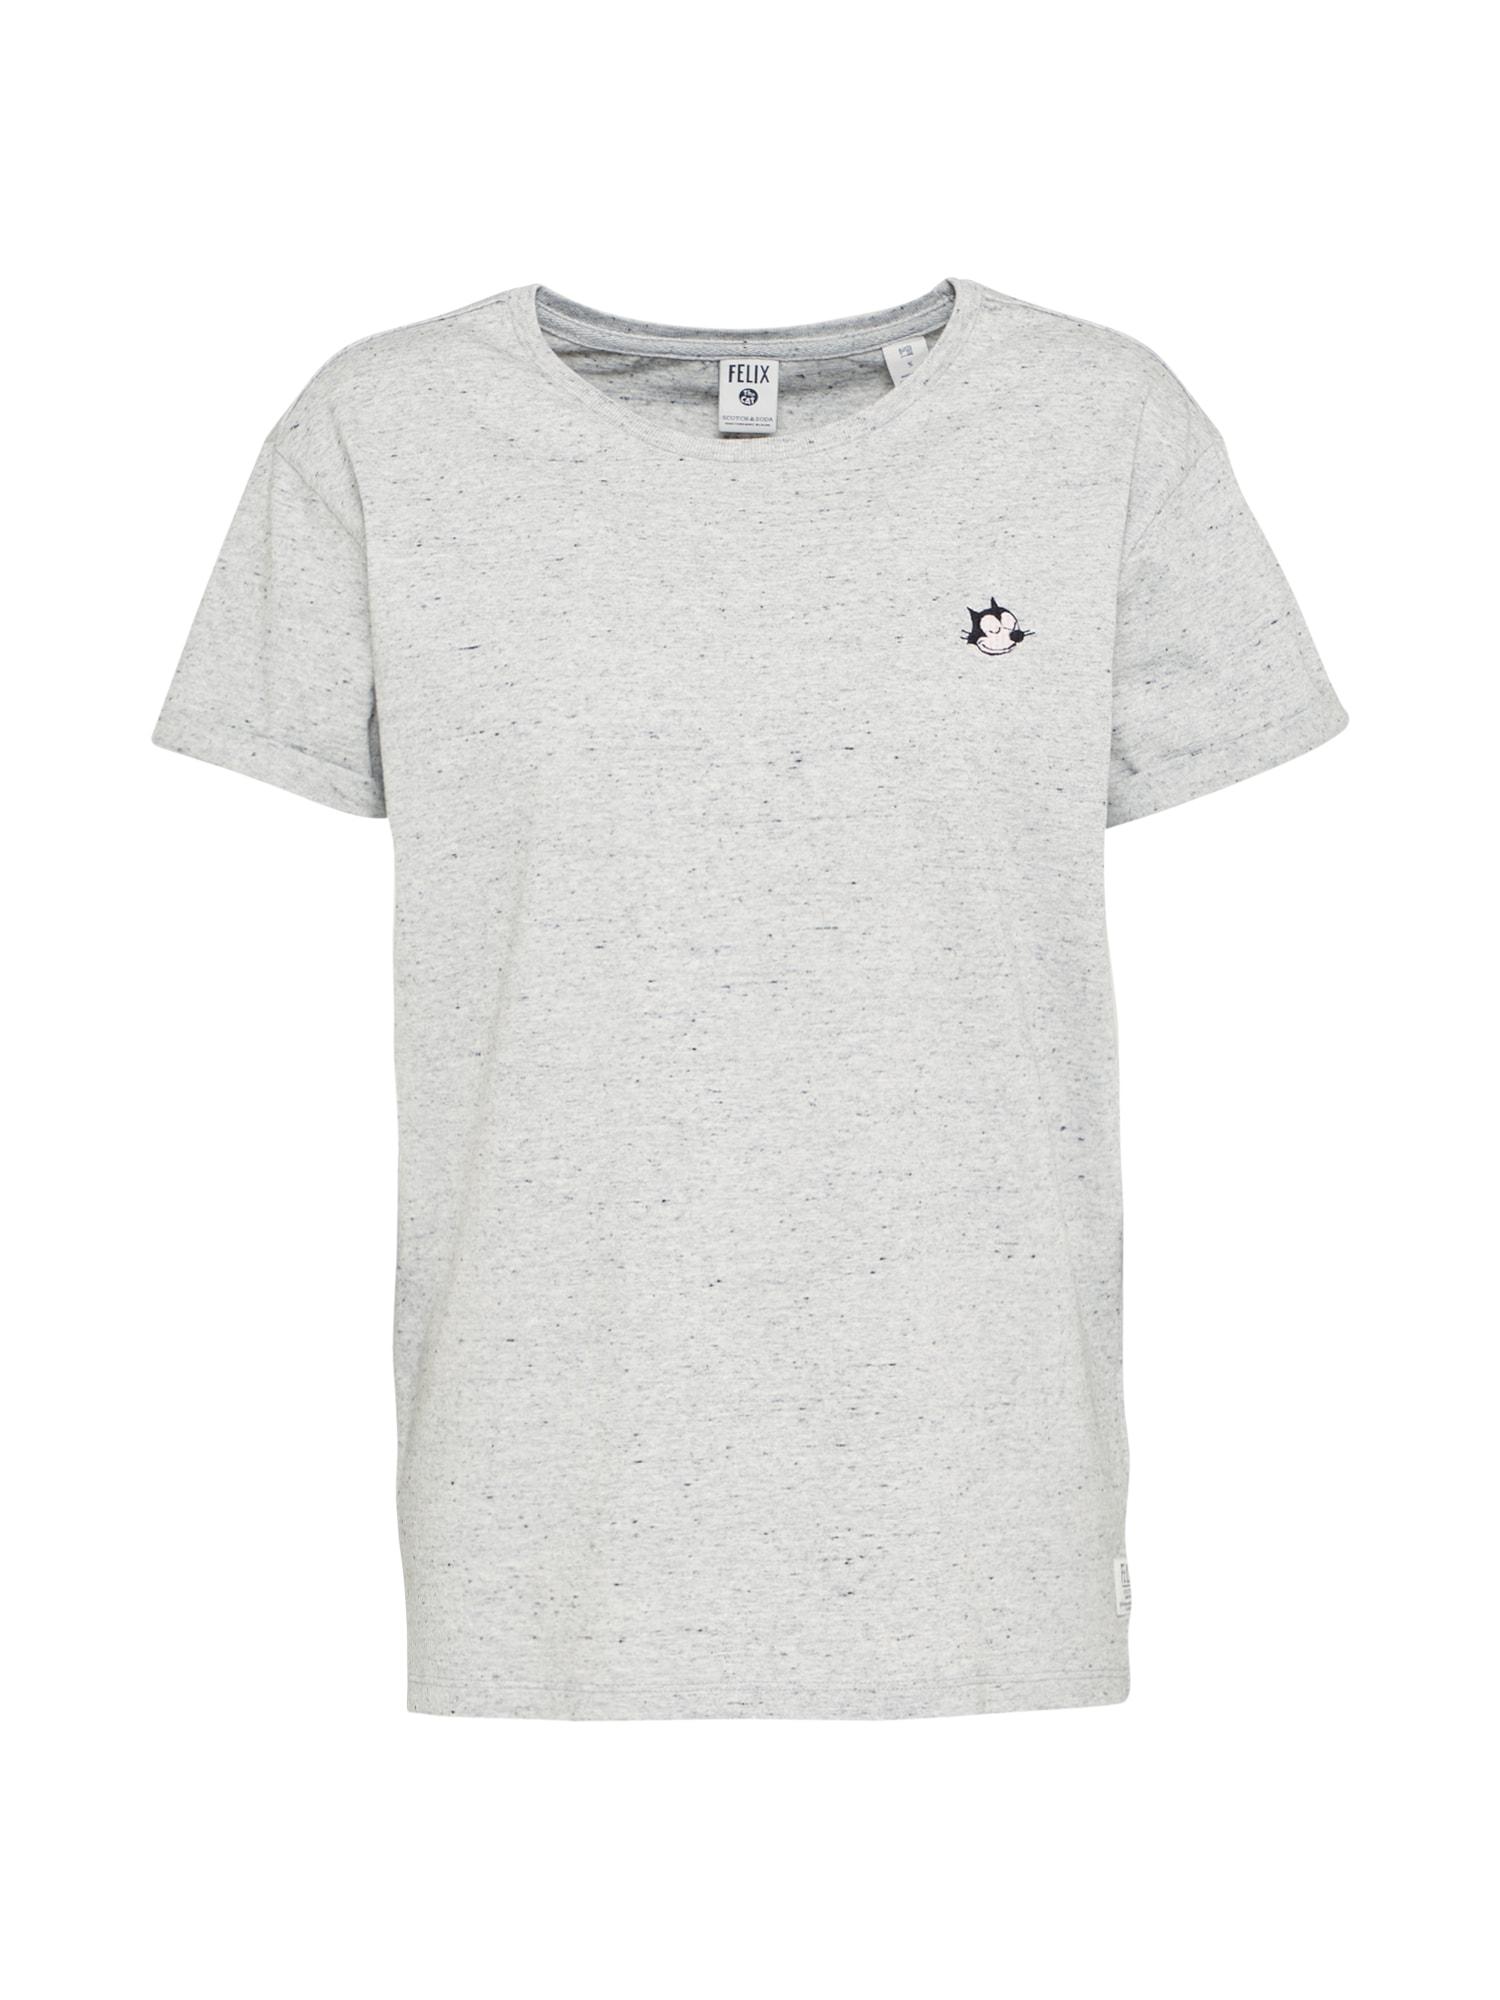 SCOTCH  and  SODA Dames Shirt Felix Ams Blauw grijs gemêleerd